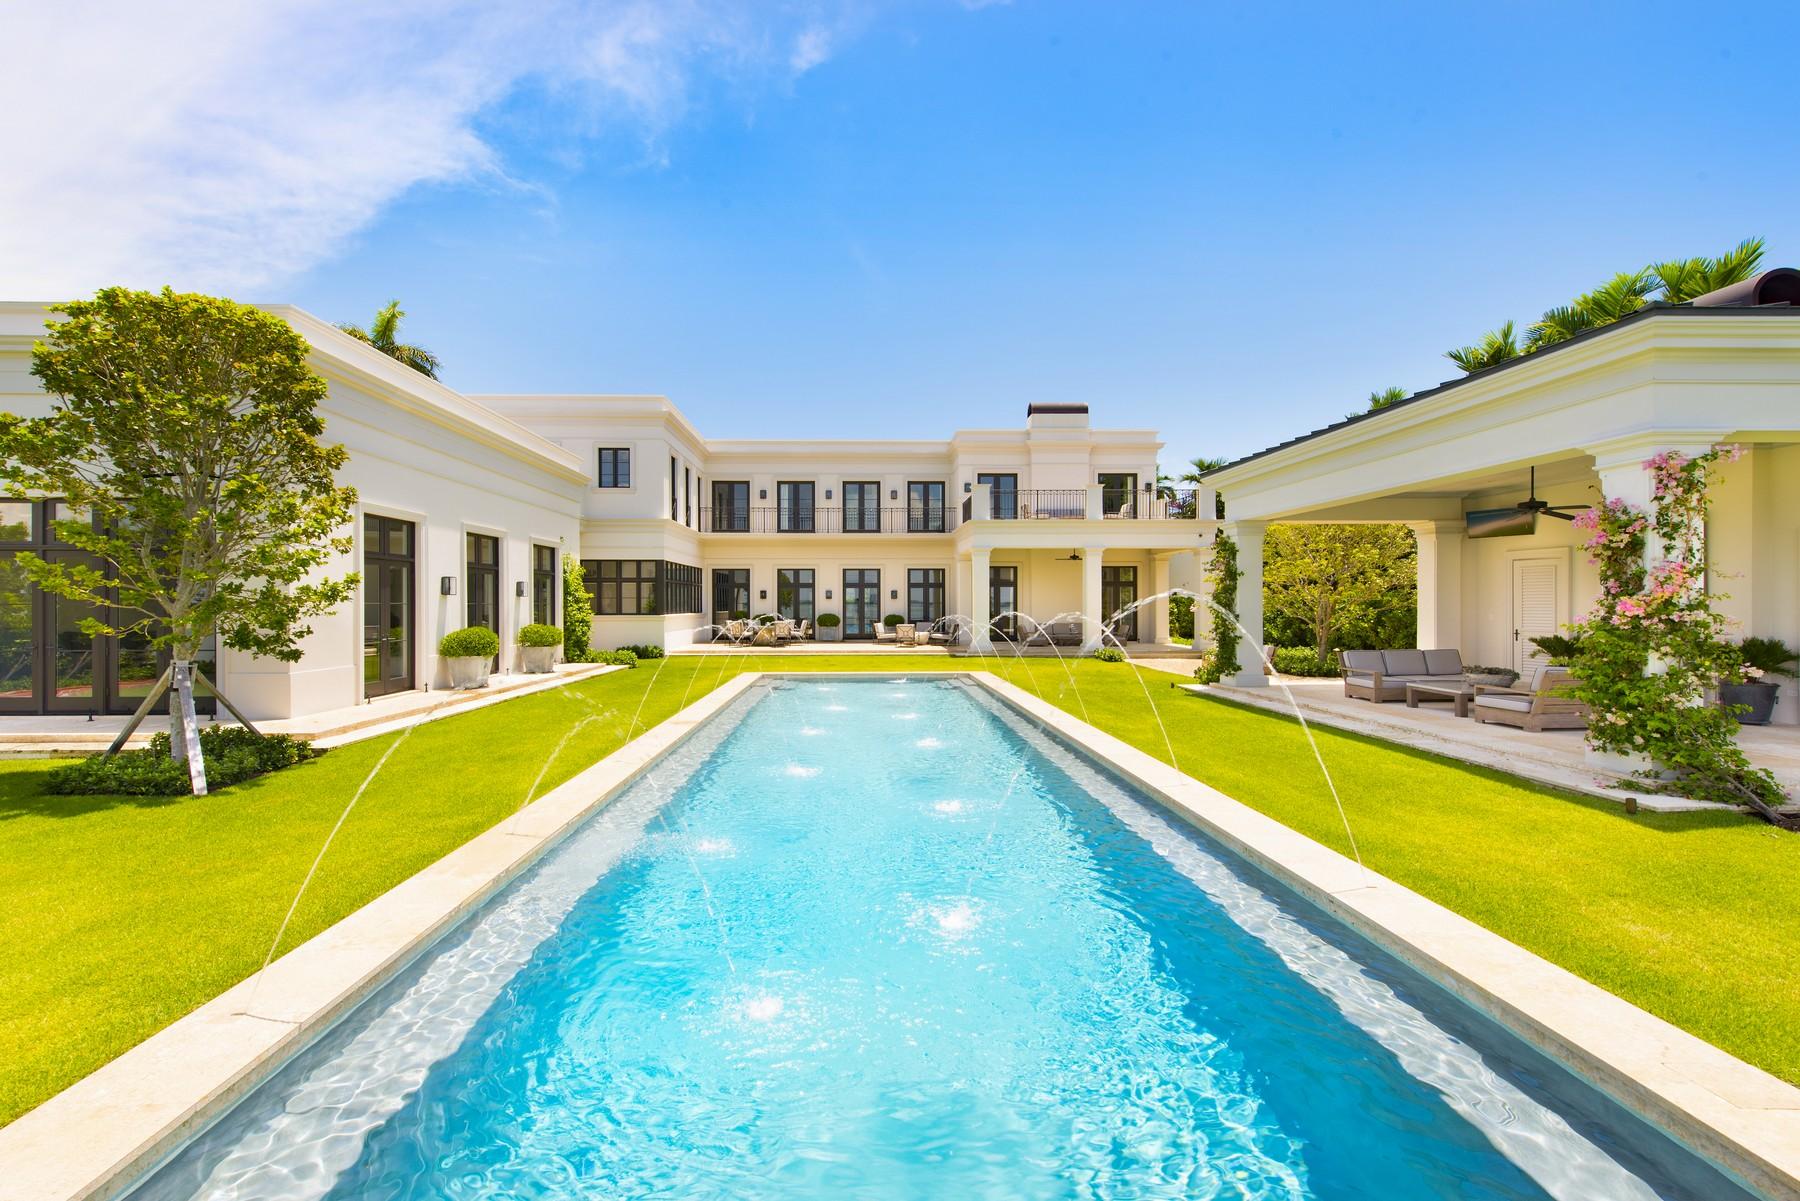 一戸建て のために 売買 アット 4730 N Bay Rd Miami Beach, フロリダ, 33140 アメリカ合衆国